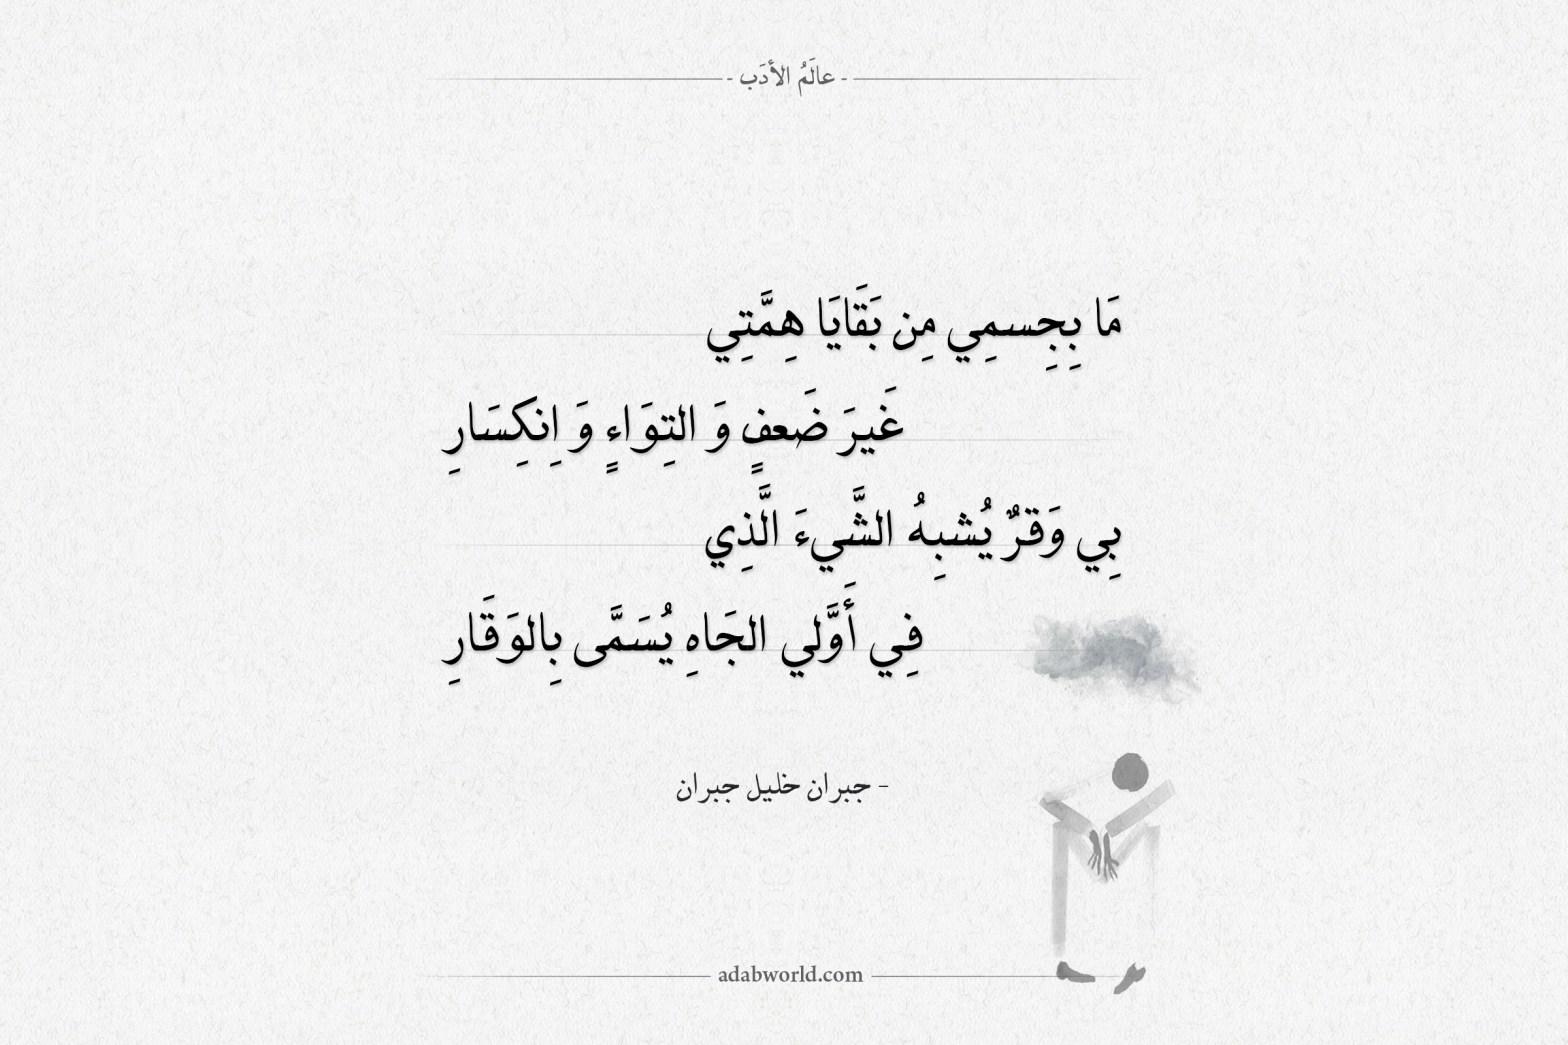 شعر جبران خليل جبران - أقرئ القوم سلامي واعتذاري